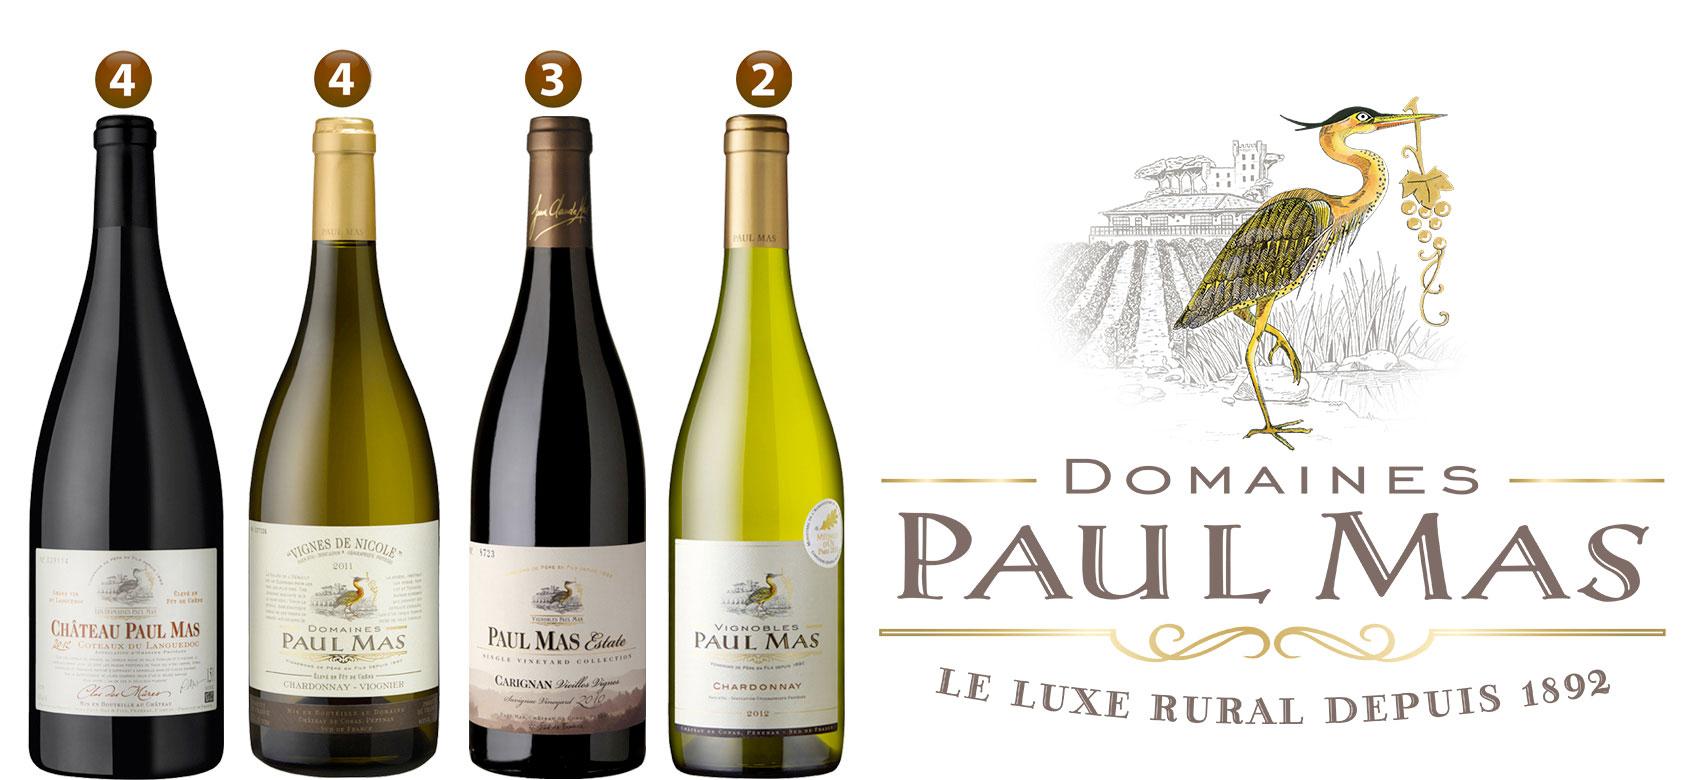 Les vins chateau paul mas